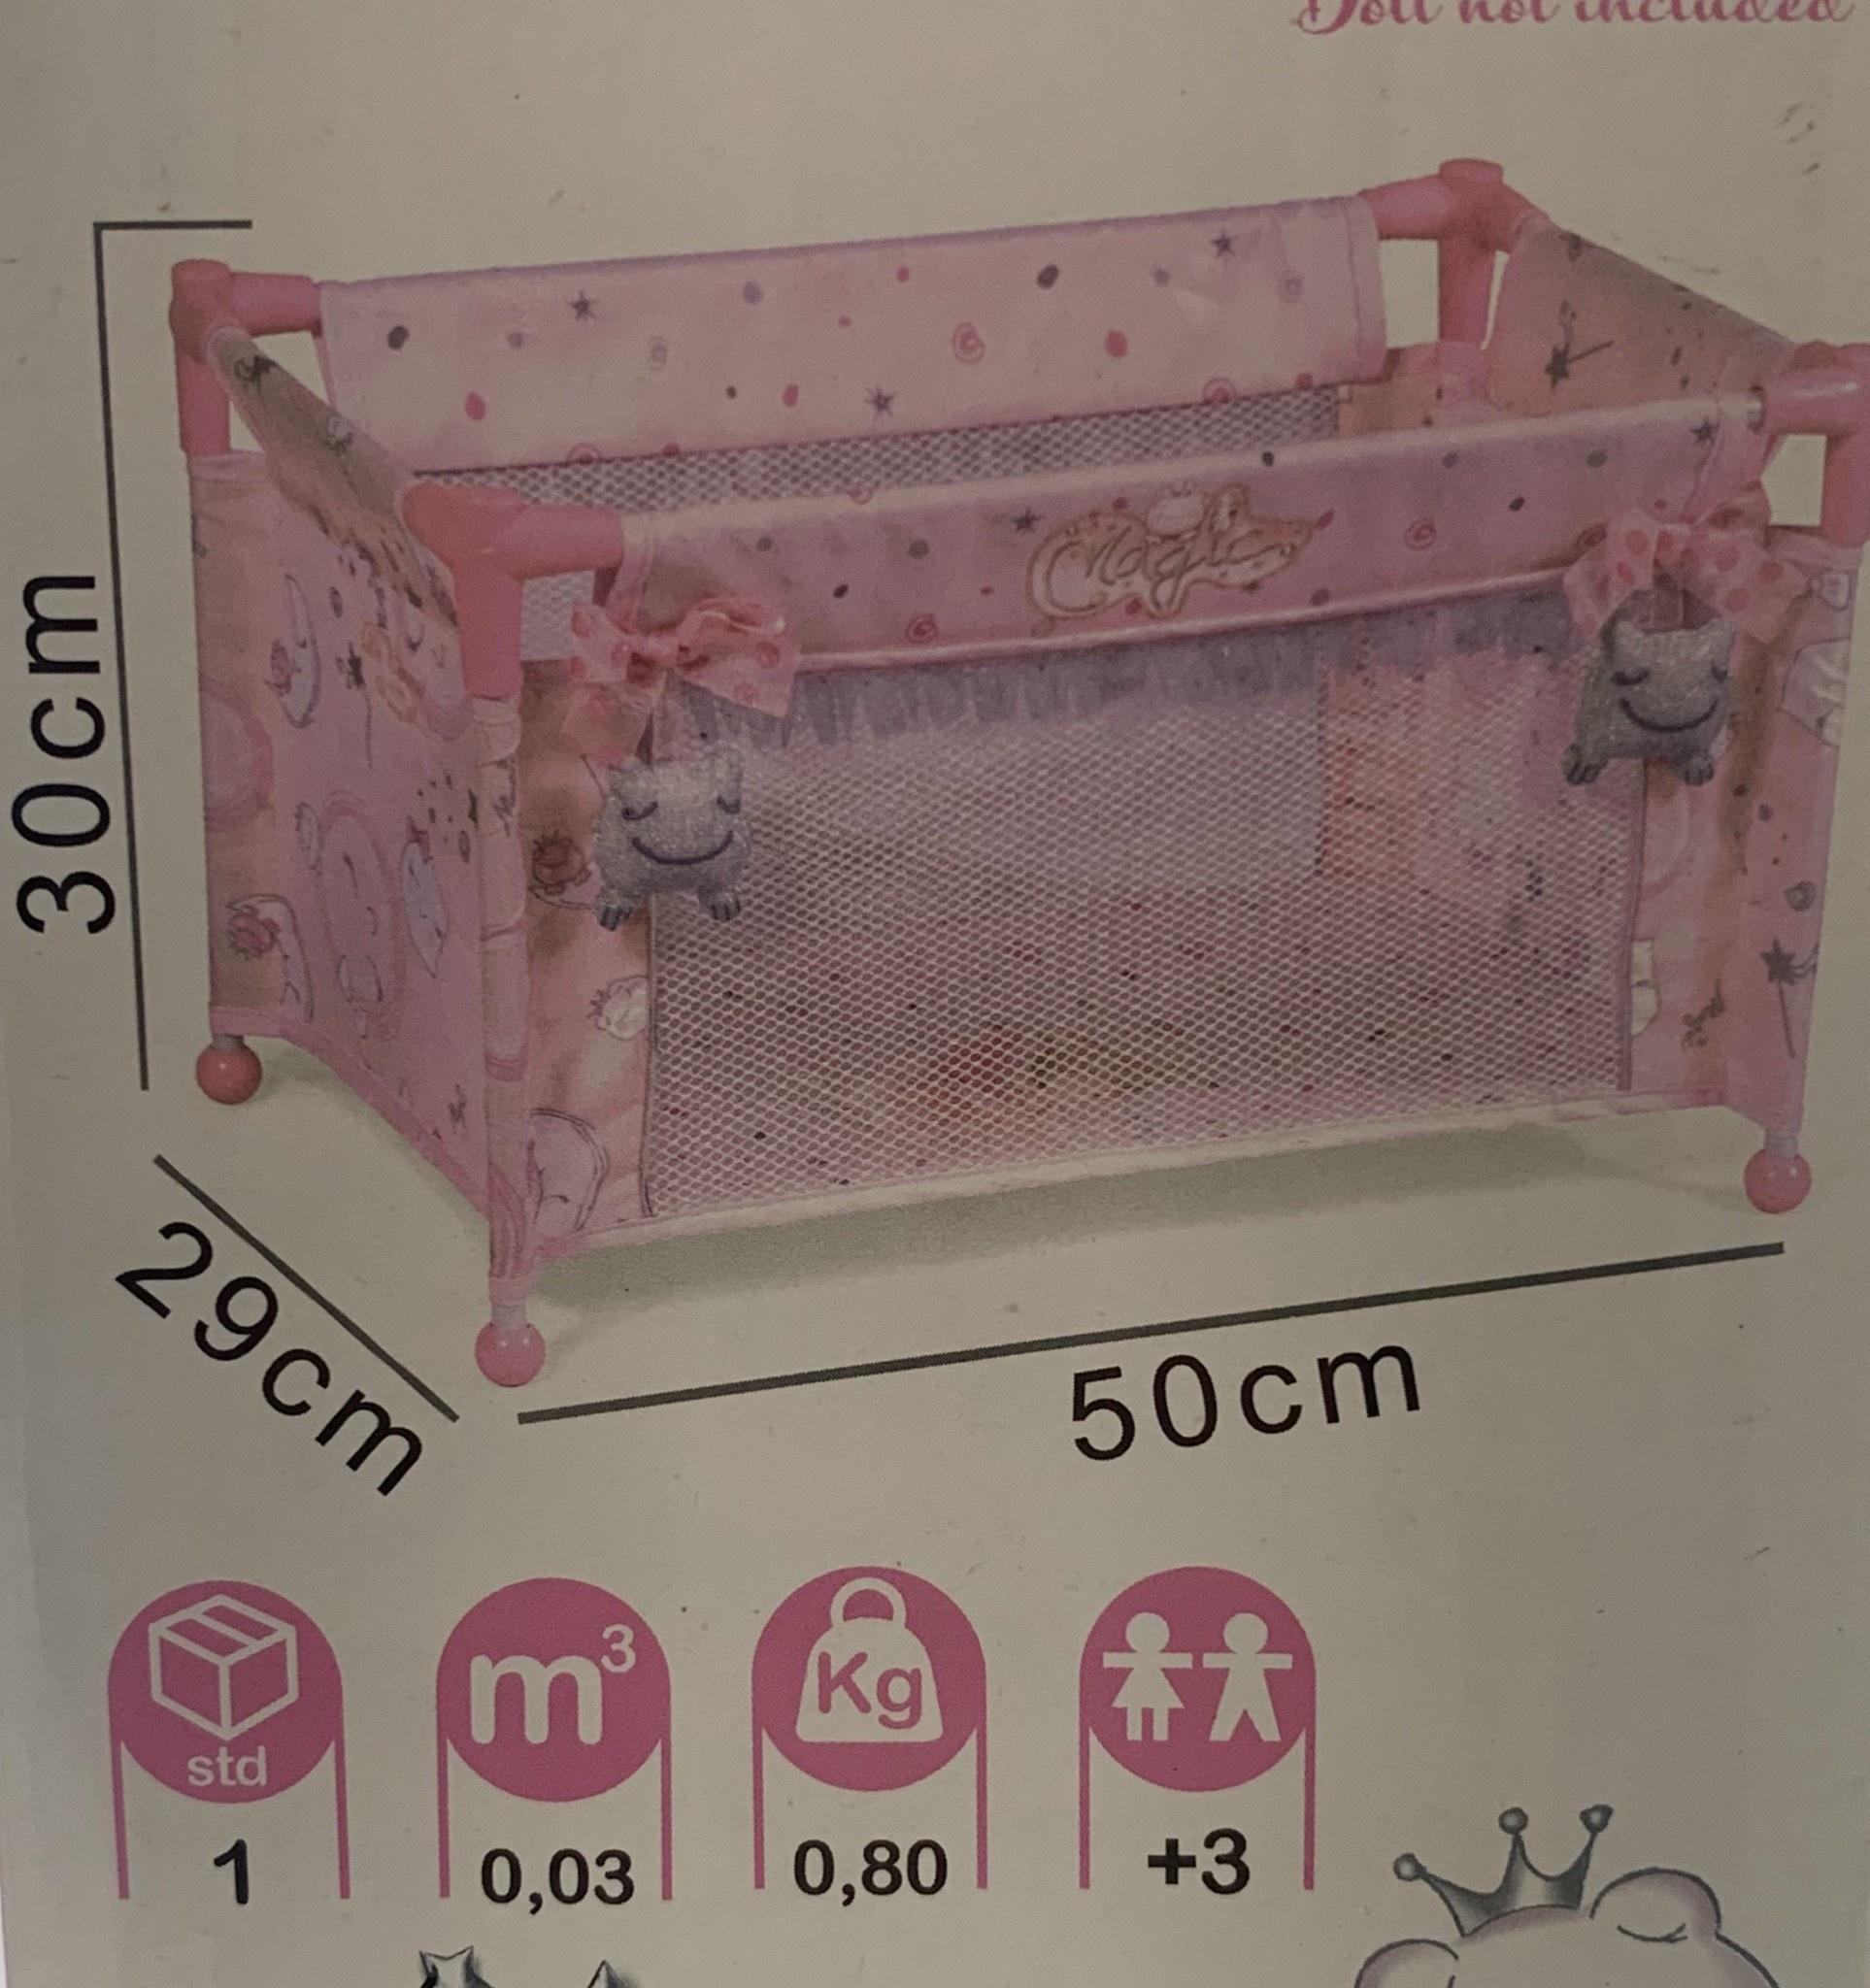 De Cuevas De Cuevas Magic Maria Travel Bed with Bag 50034